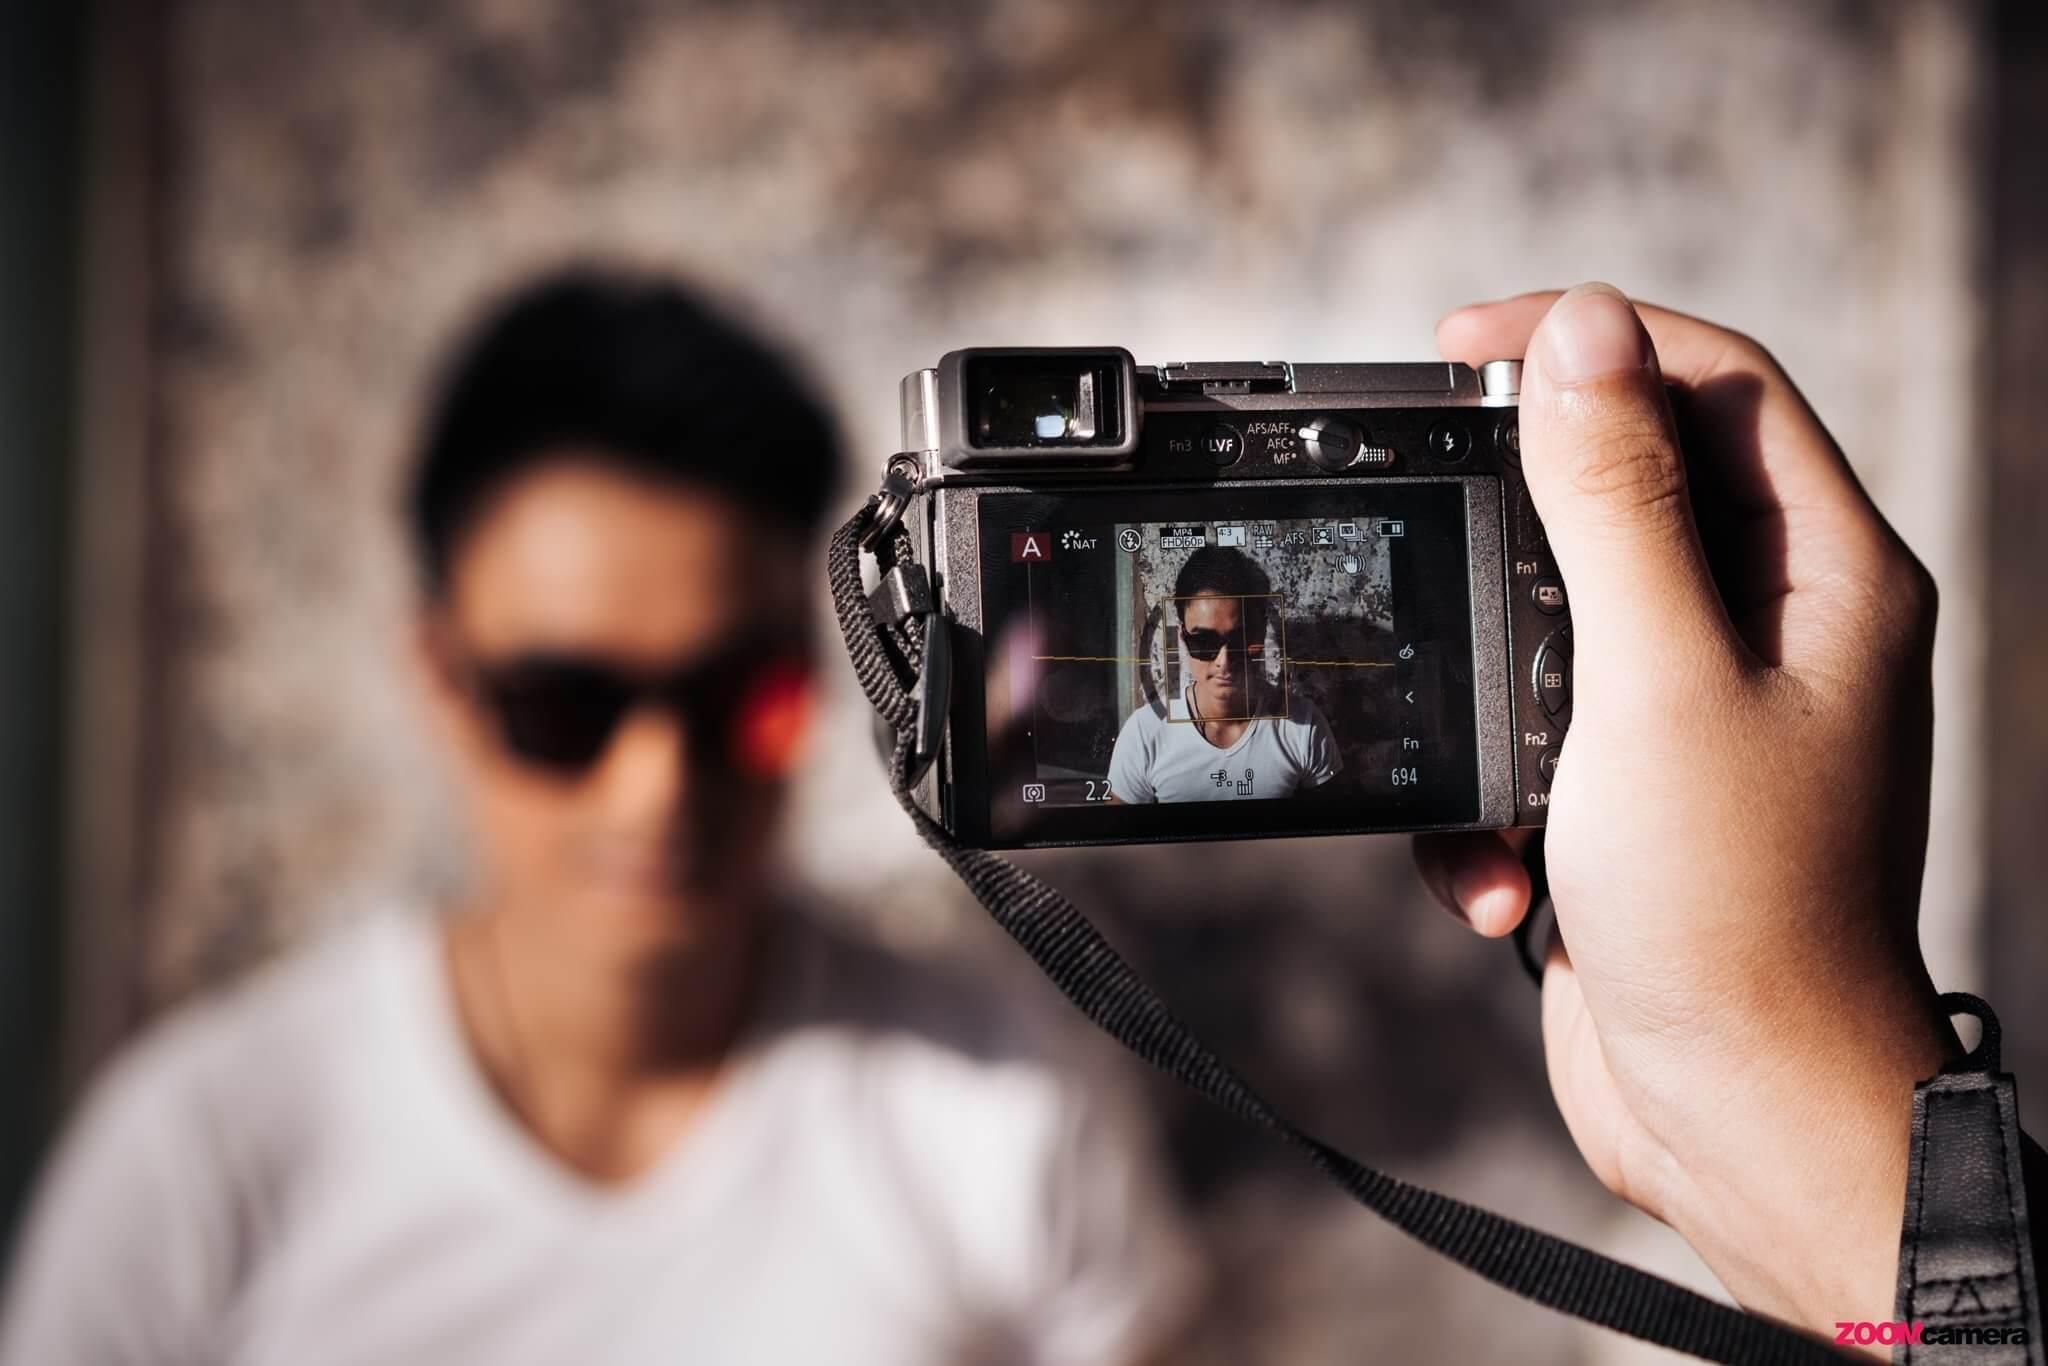 รีวิว Panasonic Lumix GX9 จิตวิญญาณของกล้องสายเลือดสตรีท (มีไฟล์ RAWจากกล้องให้โหลด)